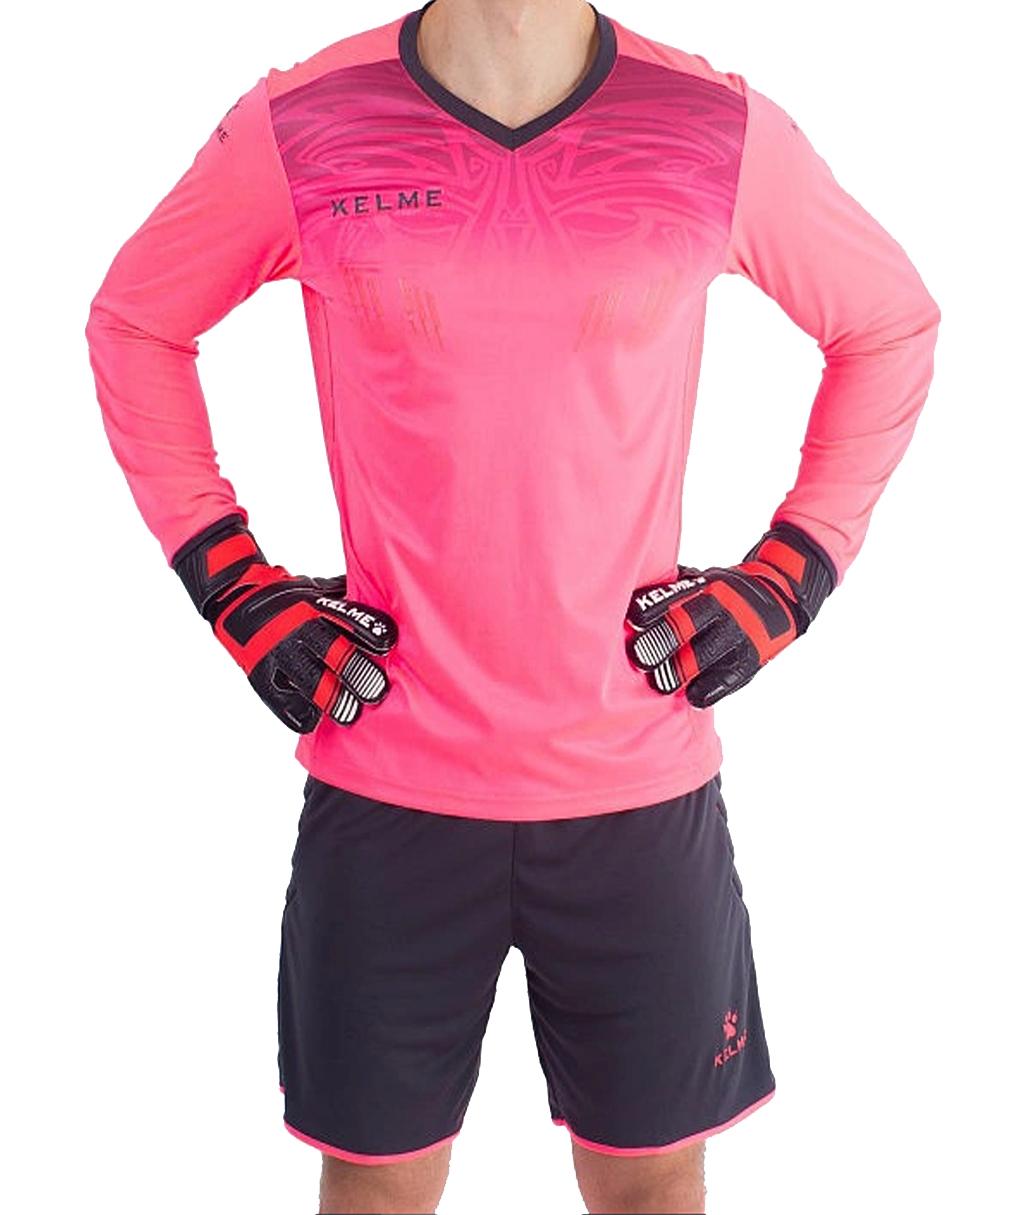 Купить розовую вратарскую форму Kelme Zamora 3871007 в интернет-магазине